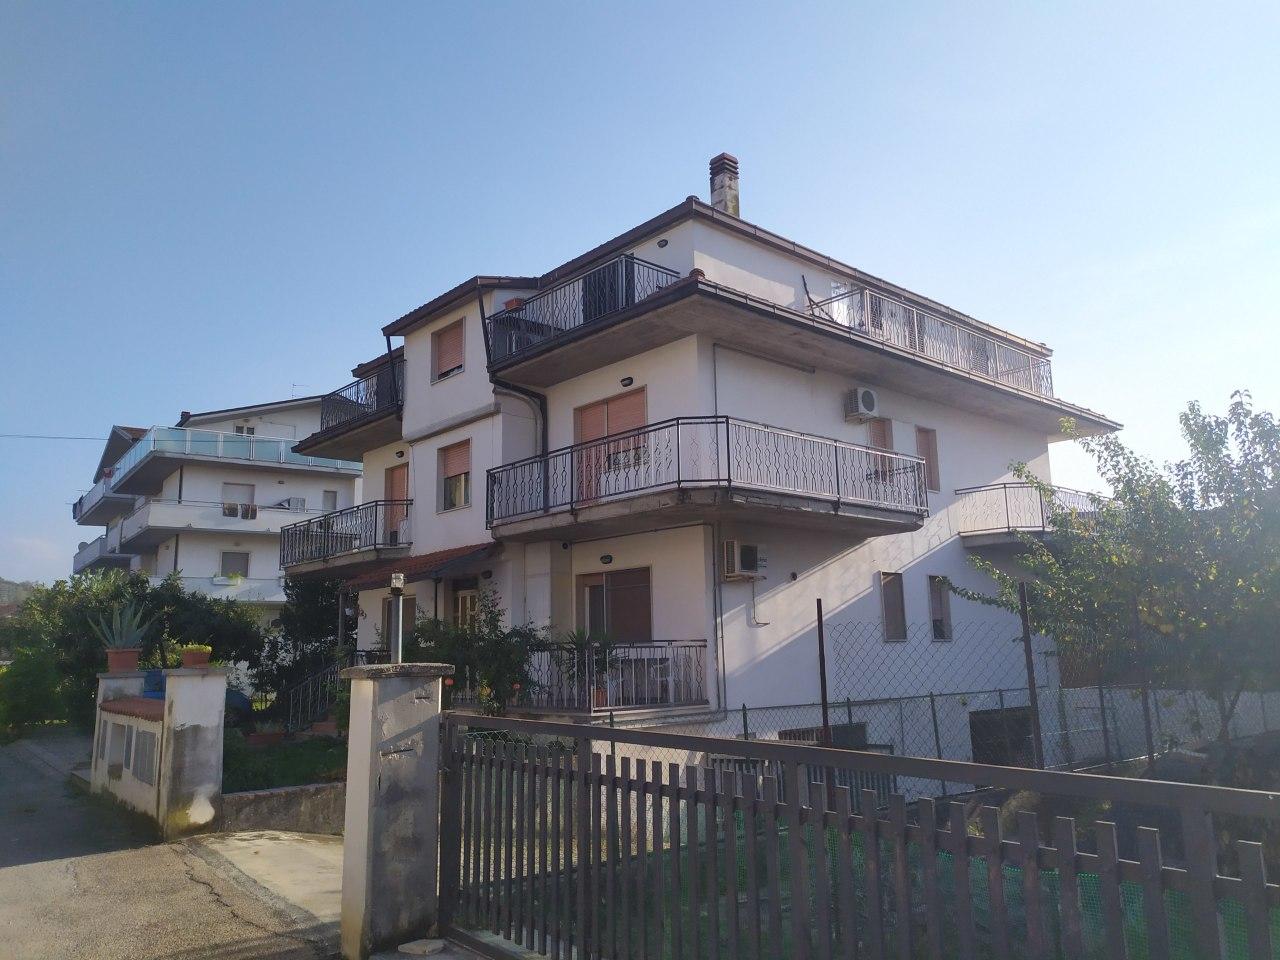 Appartamento in vendita a Manoppello, 4 locali, prezzo € 68.000 | PortaleAgenzieImmobiliari.it